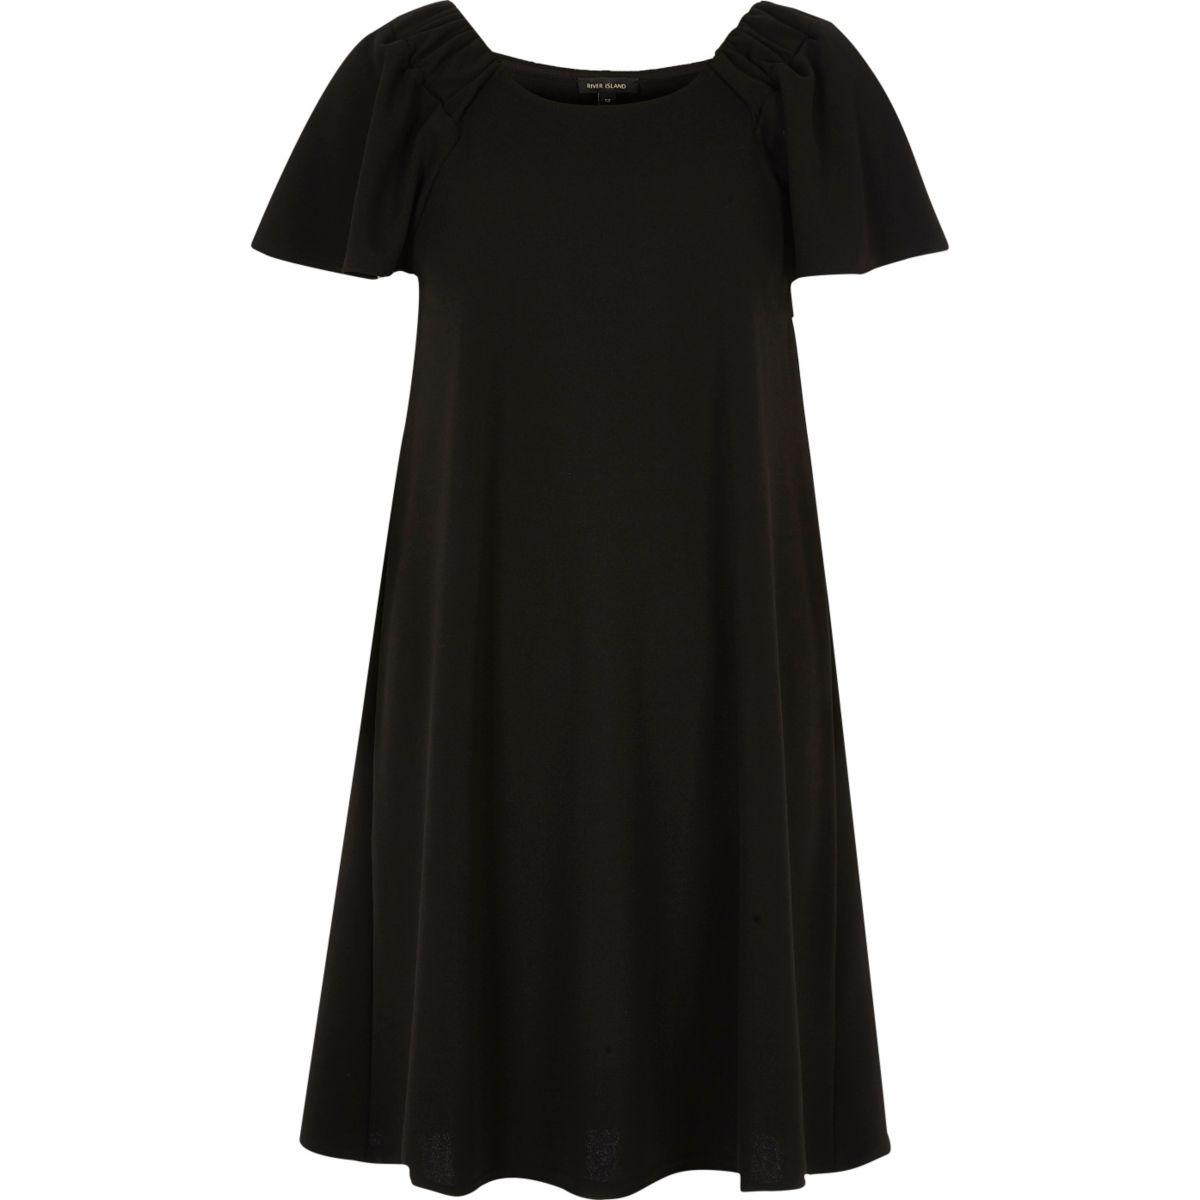 Zwarte jurk met ruches